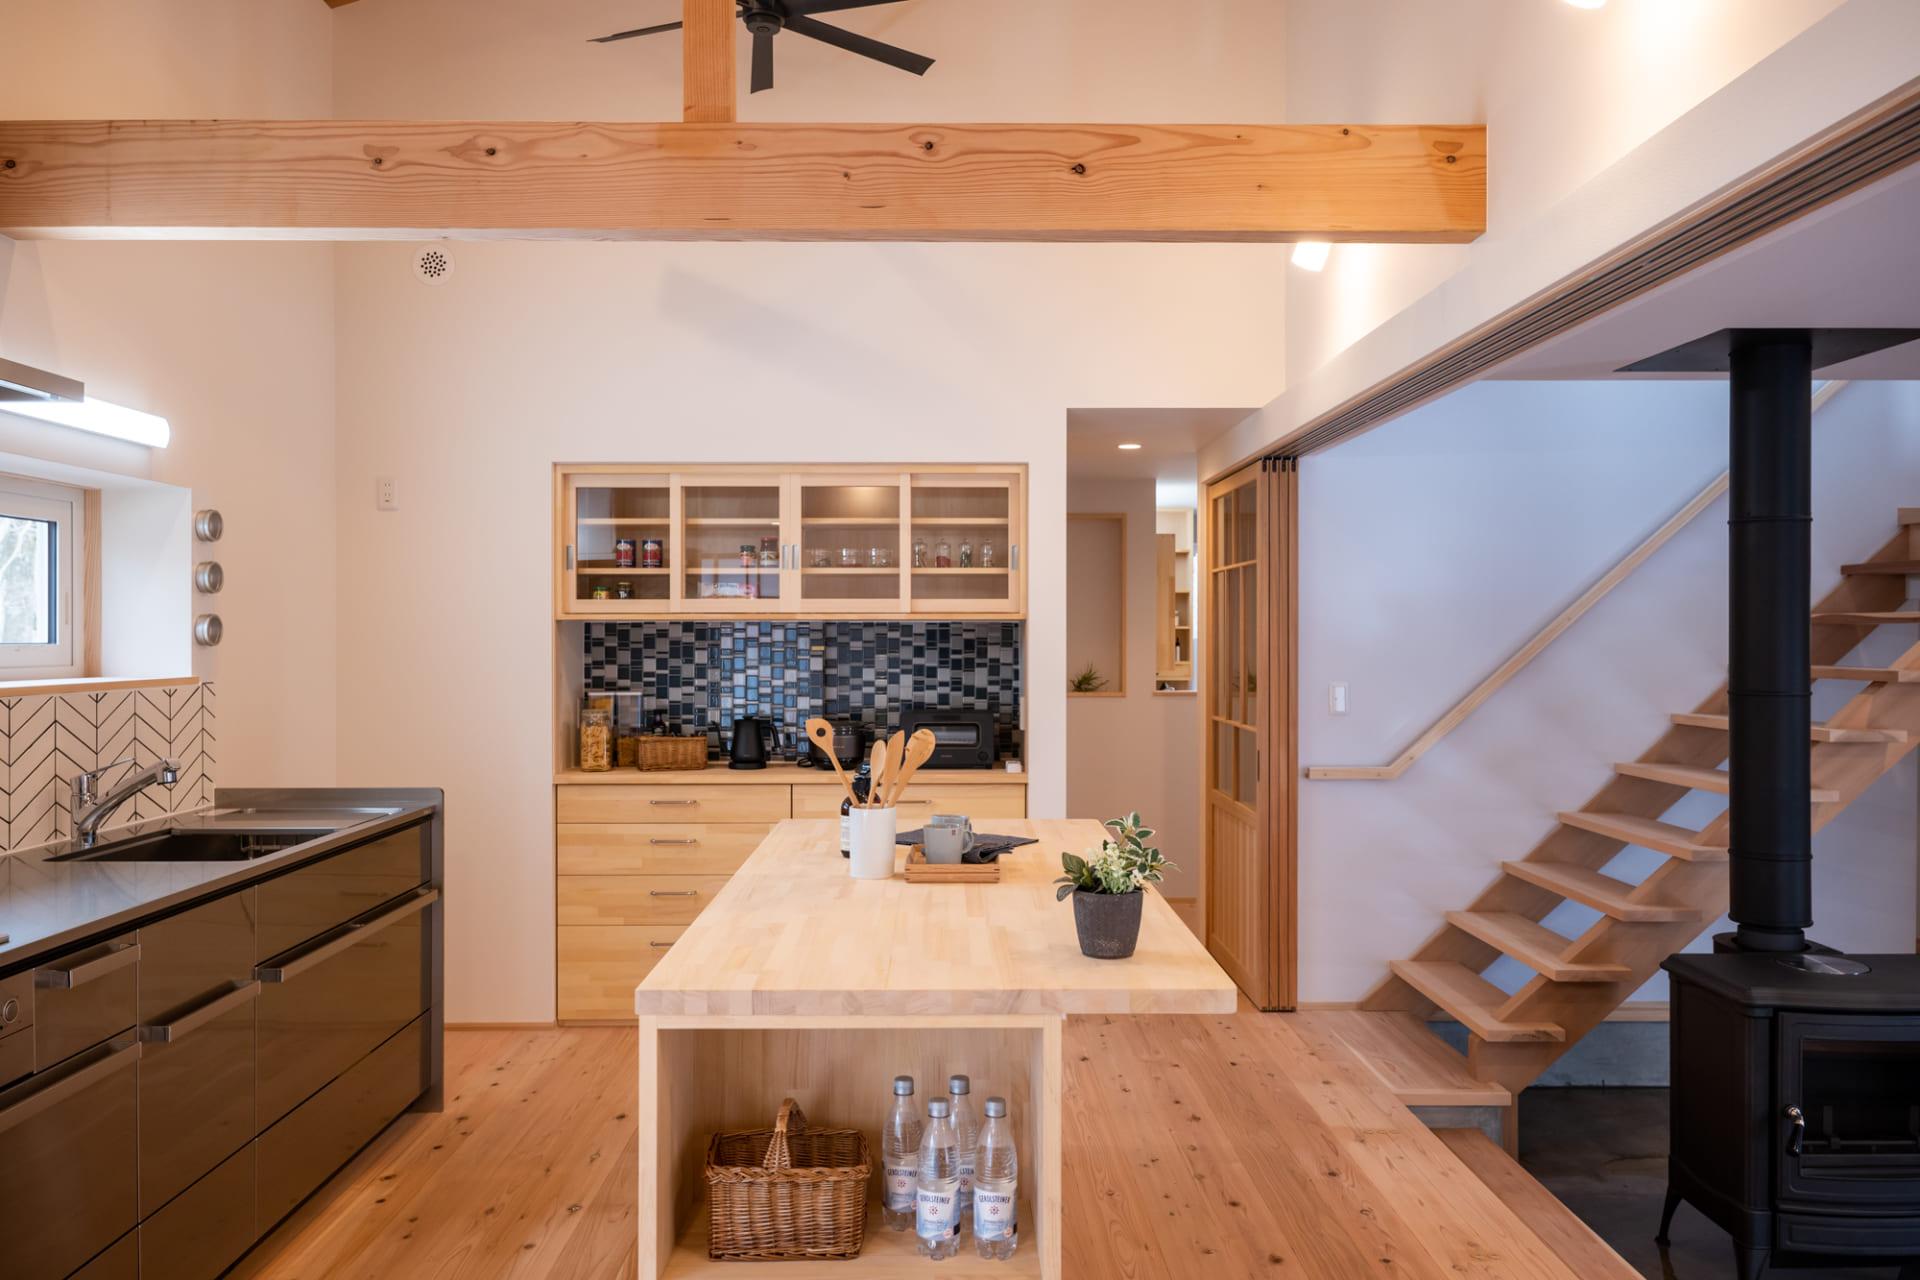 3.広々とした空間で料理を楽しめるカウンターキッチン